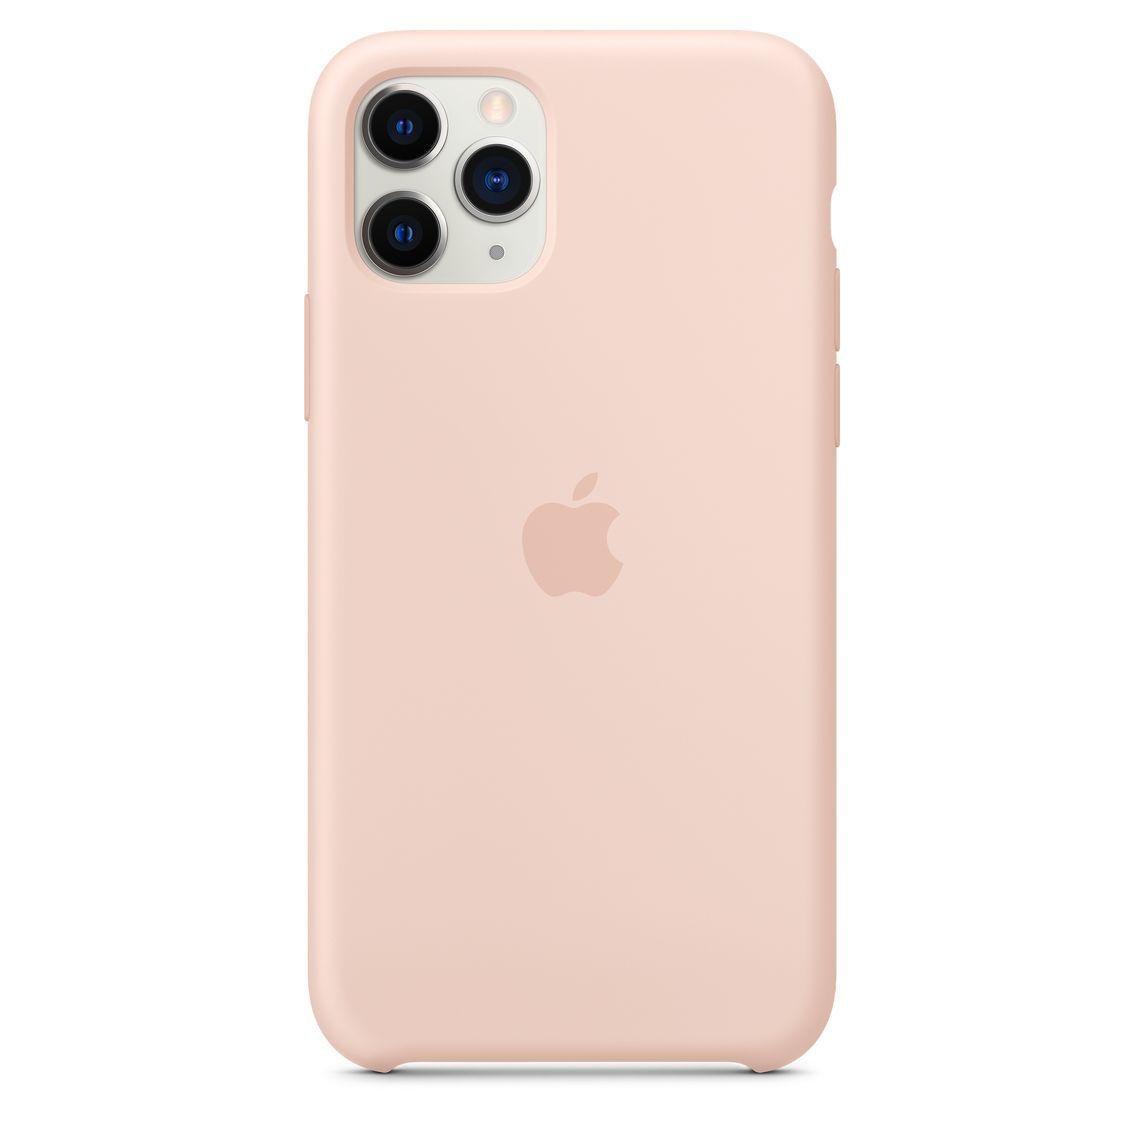 Custodia in silicone per iPhone 11 Pro - Rosa sabbia